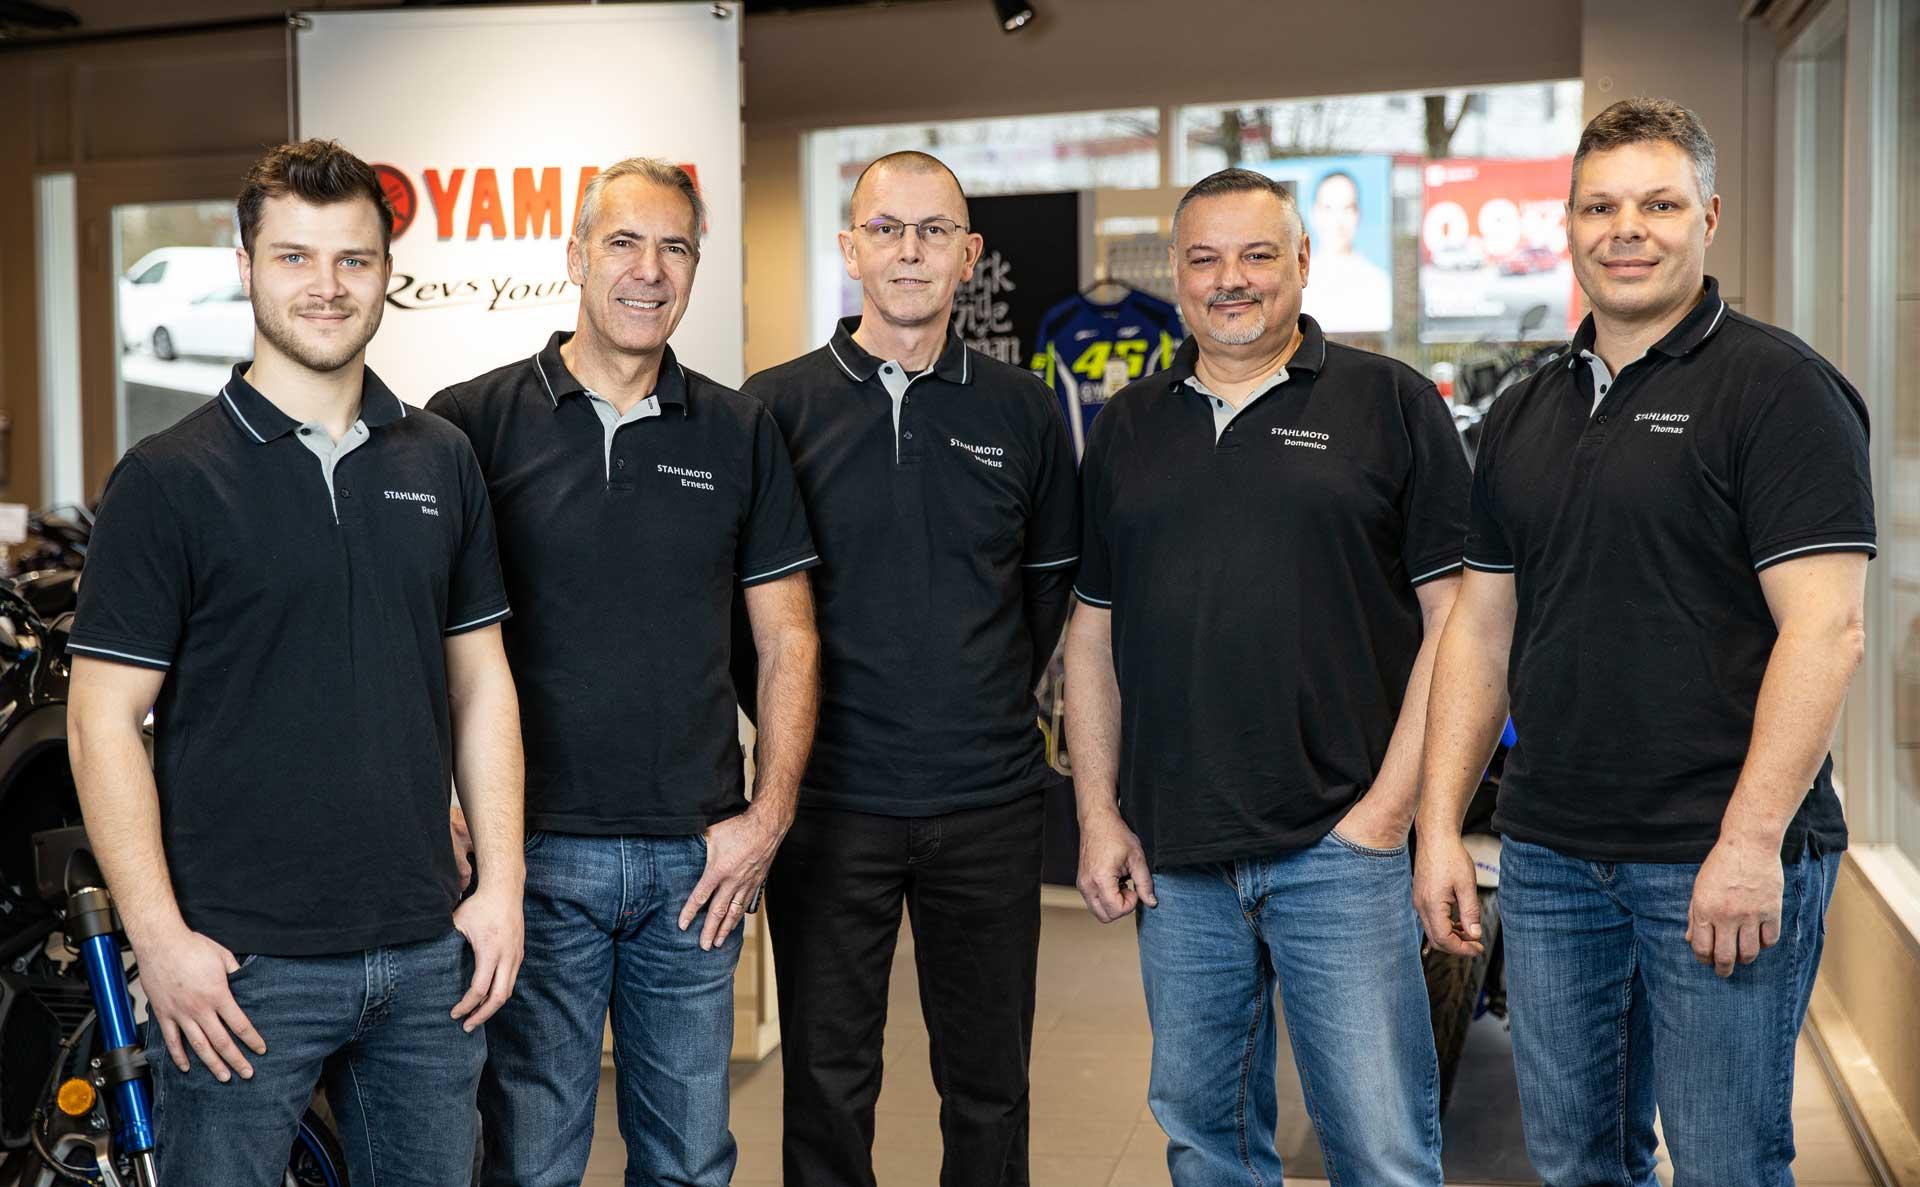 Das Stahlmoto-Team: René, Ernesto, Markus, Meno und Thomas.